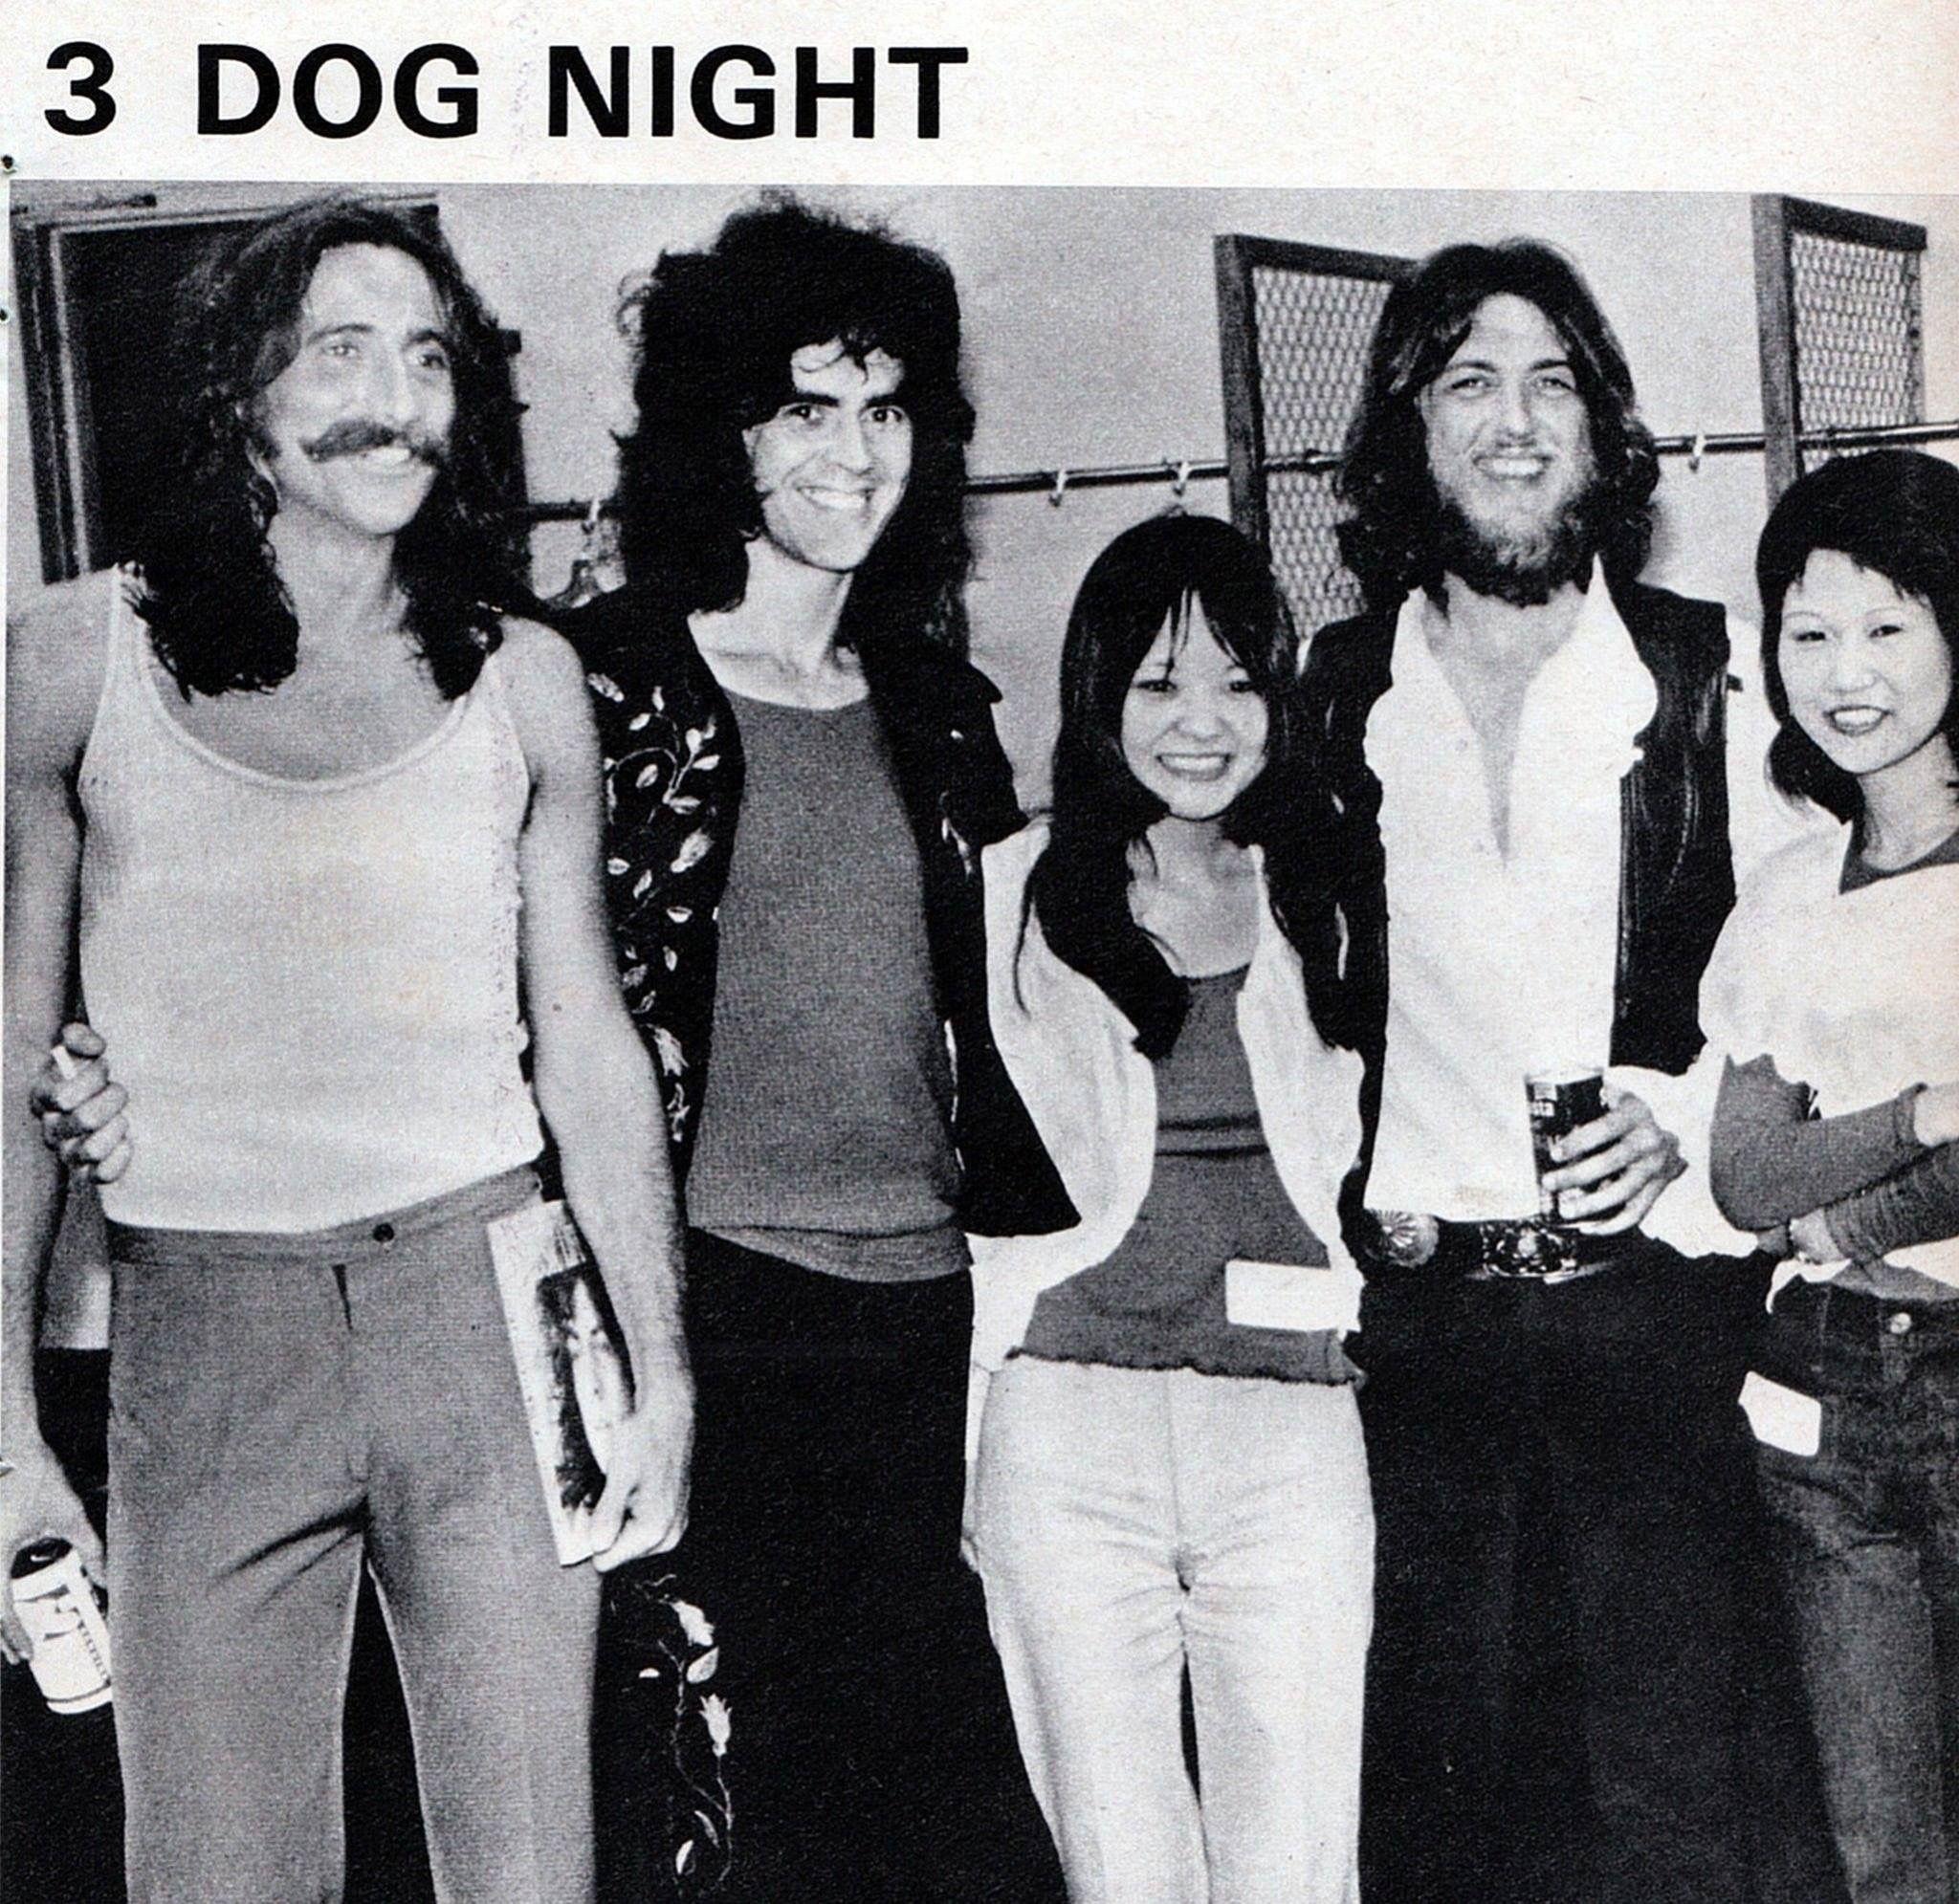 Pin by Ellen Barna on Three Dog Night Three dog night